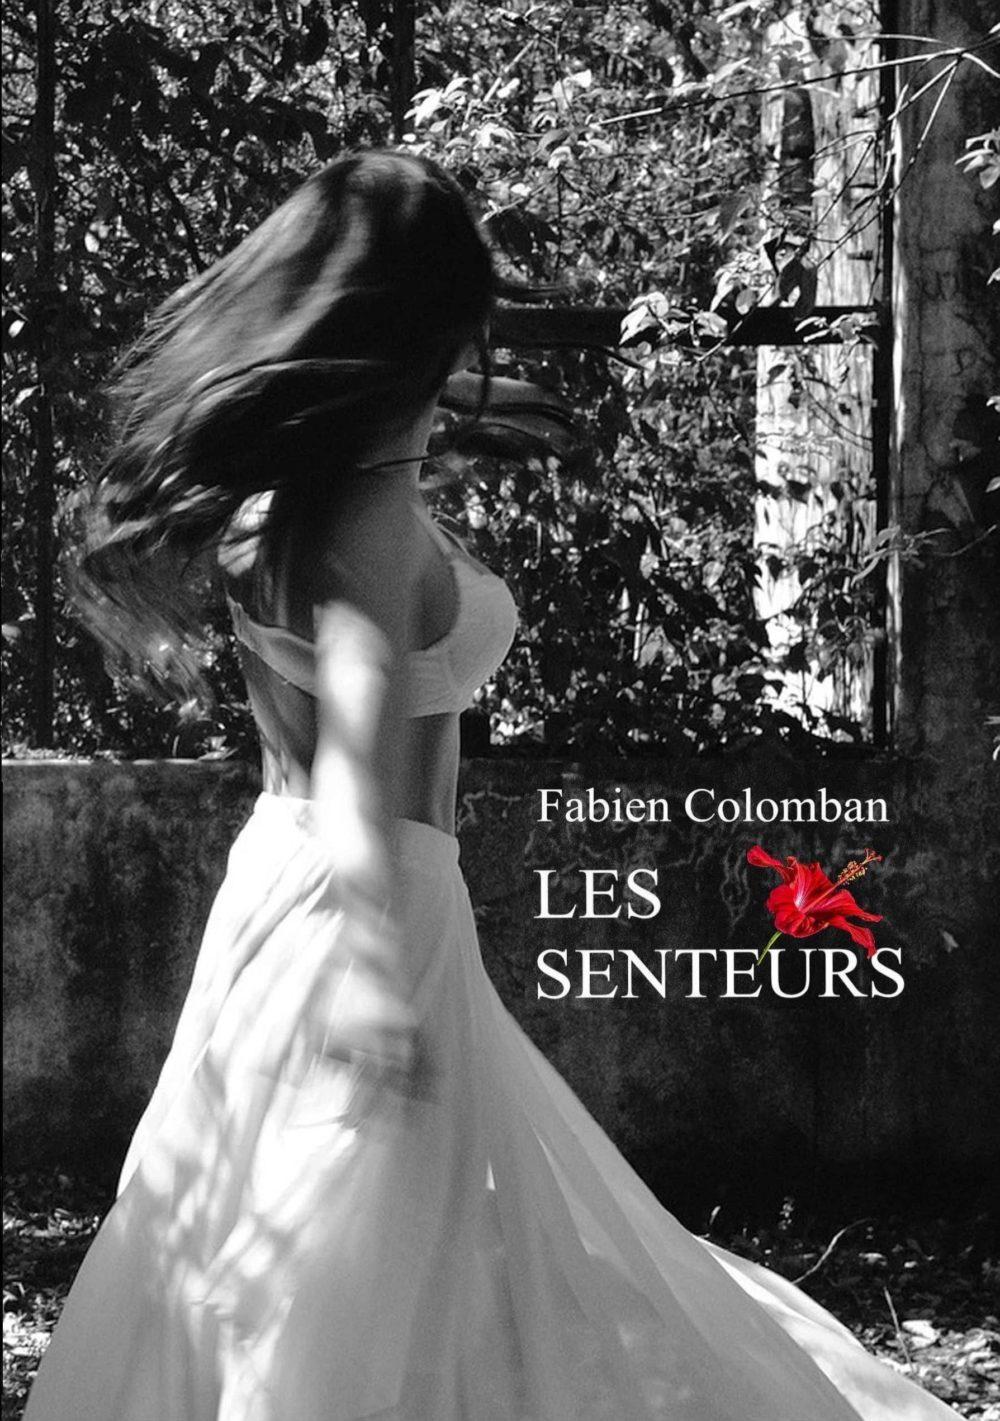 Les senteurs – Fabien Colomban